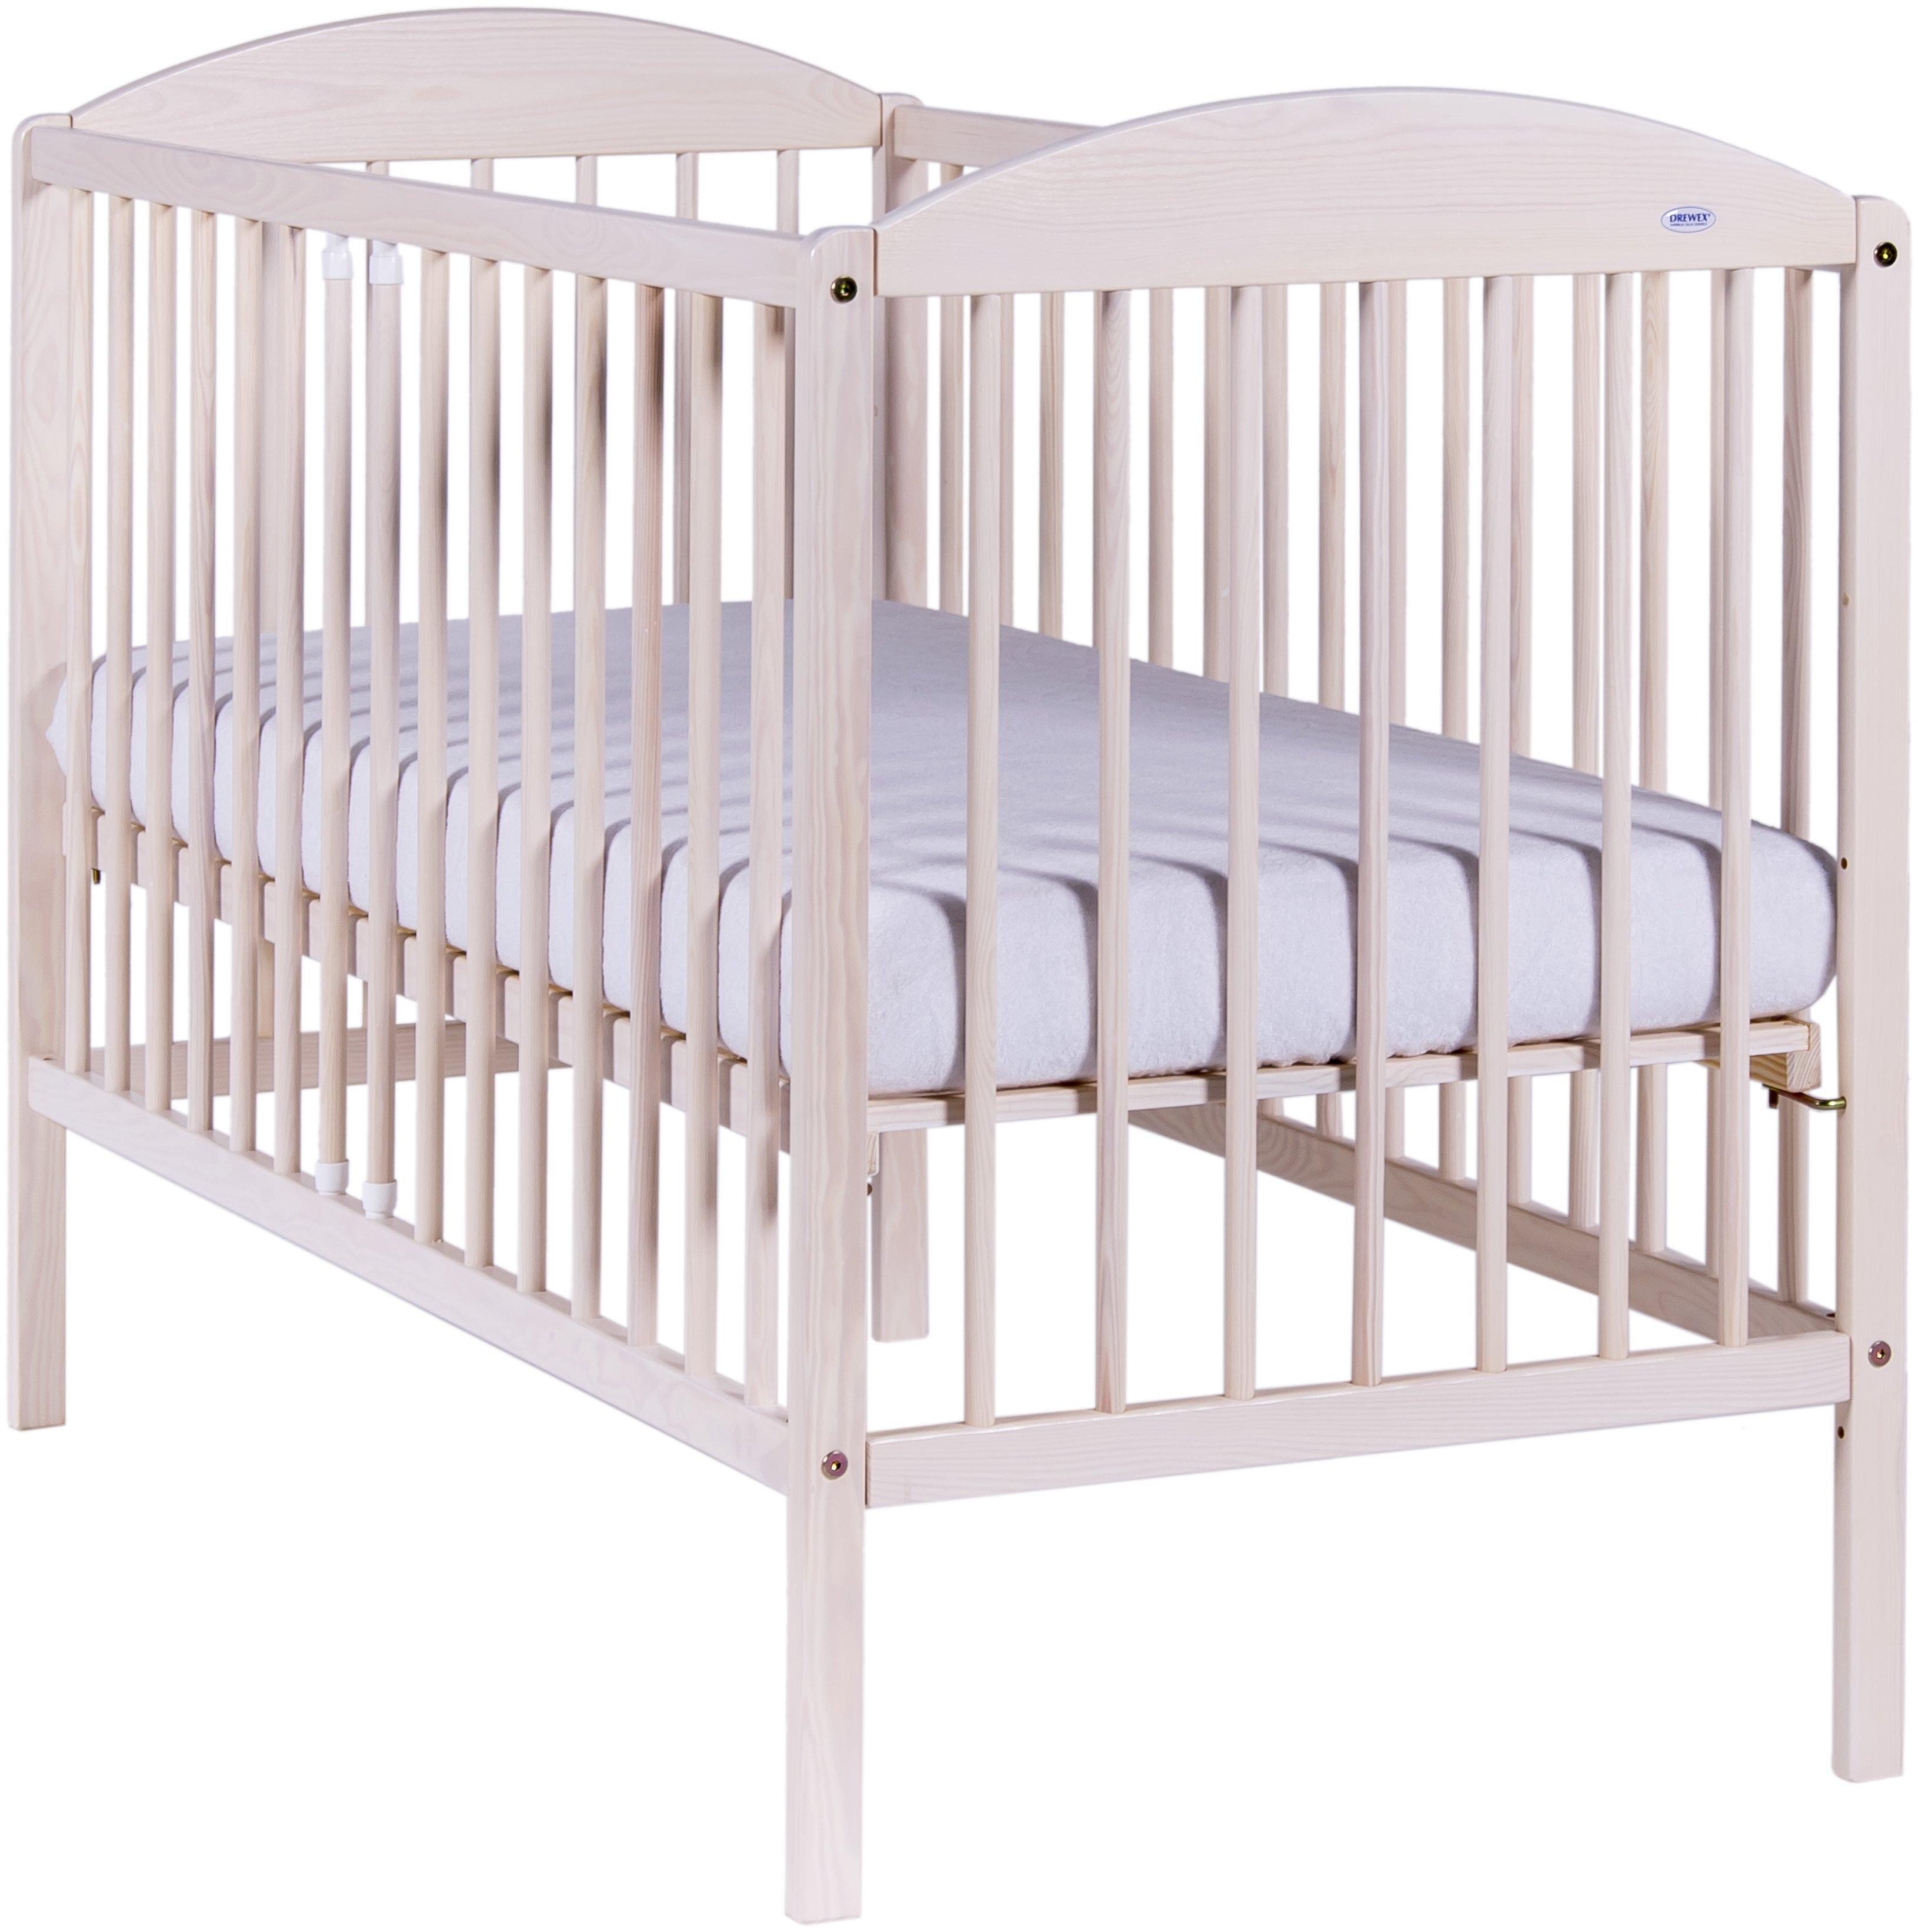 Bērnu gulta Drewex KUBA II balināta priede